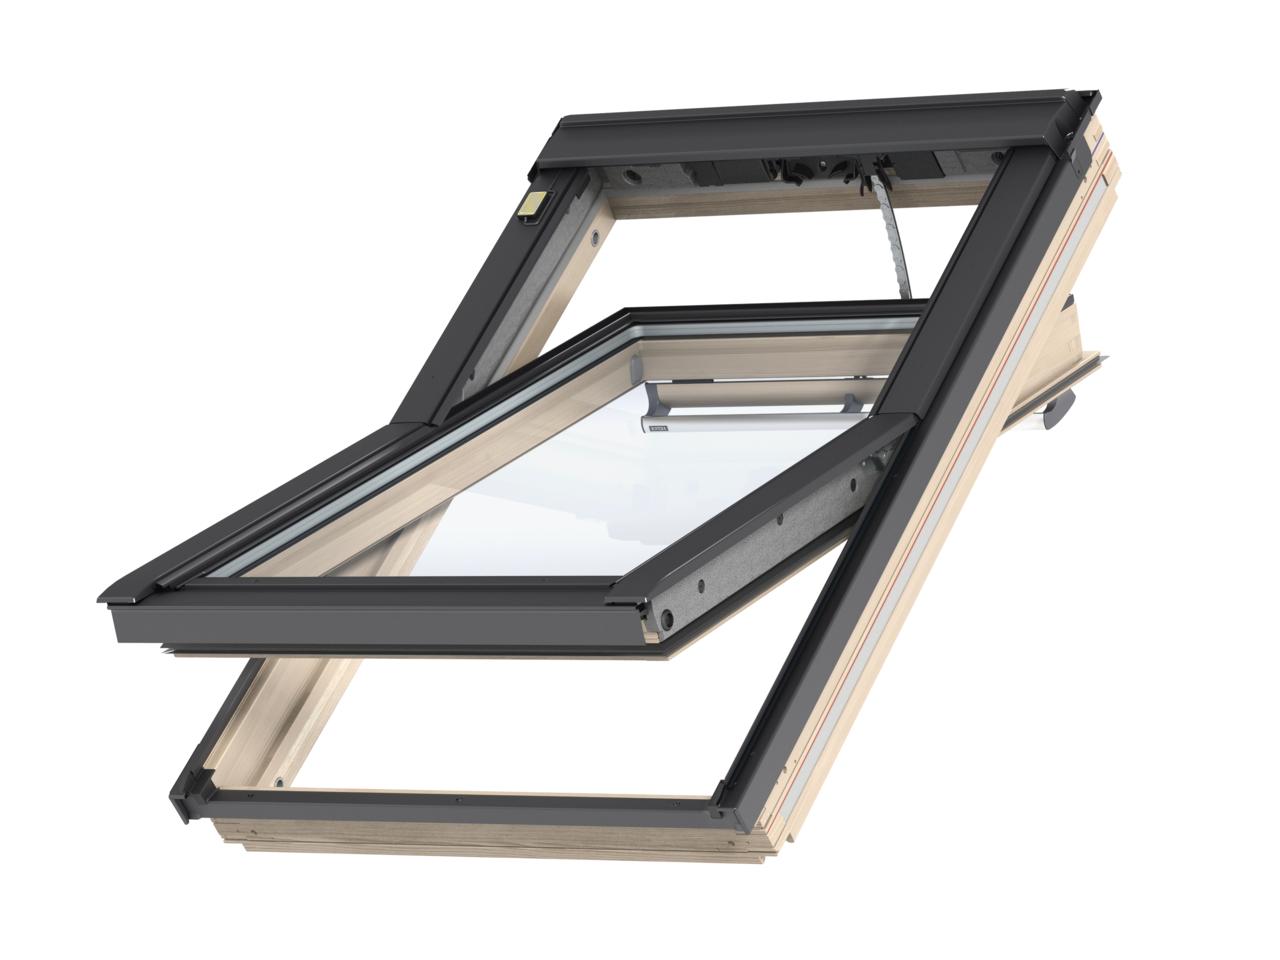 VELUX Elektricky ovládané okno GGL 306621 Integra rozměr: MK08 78x140 cm